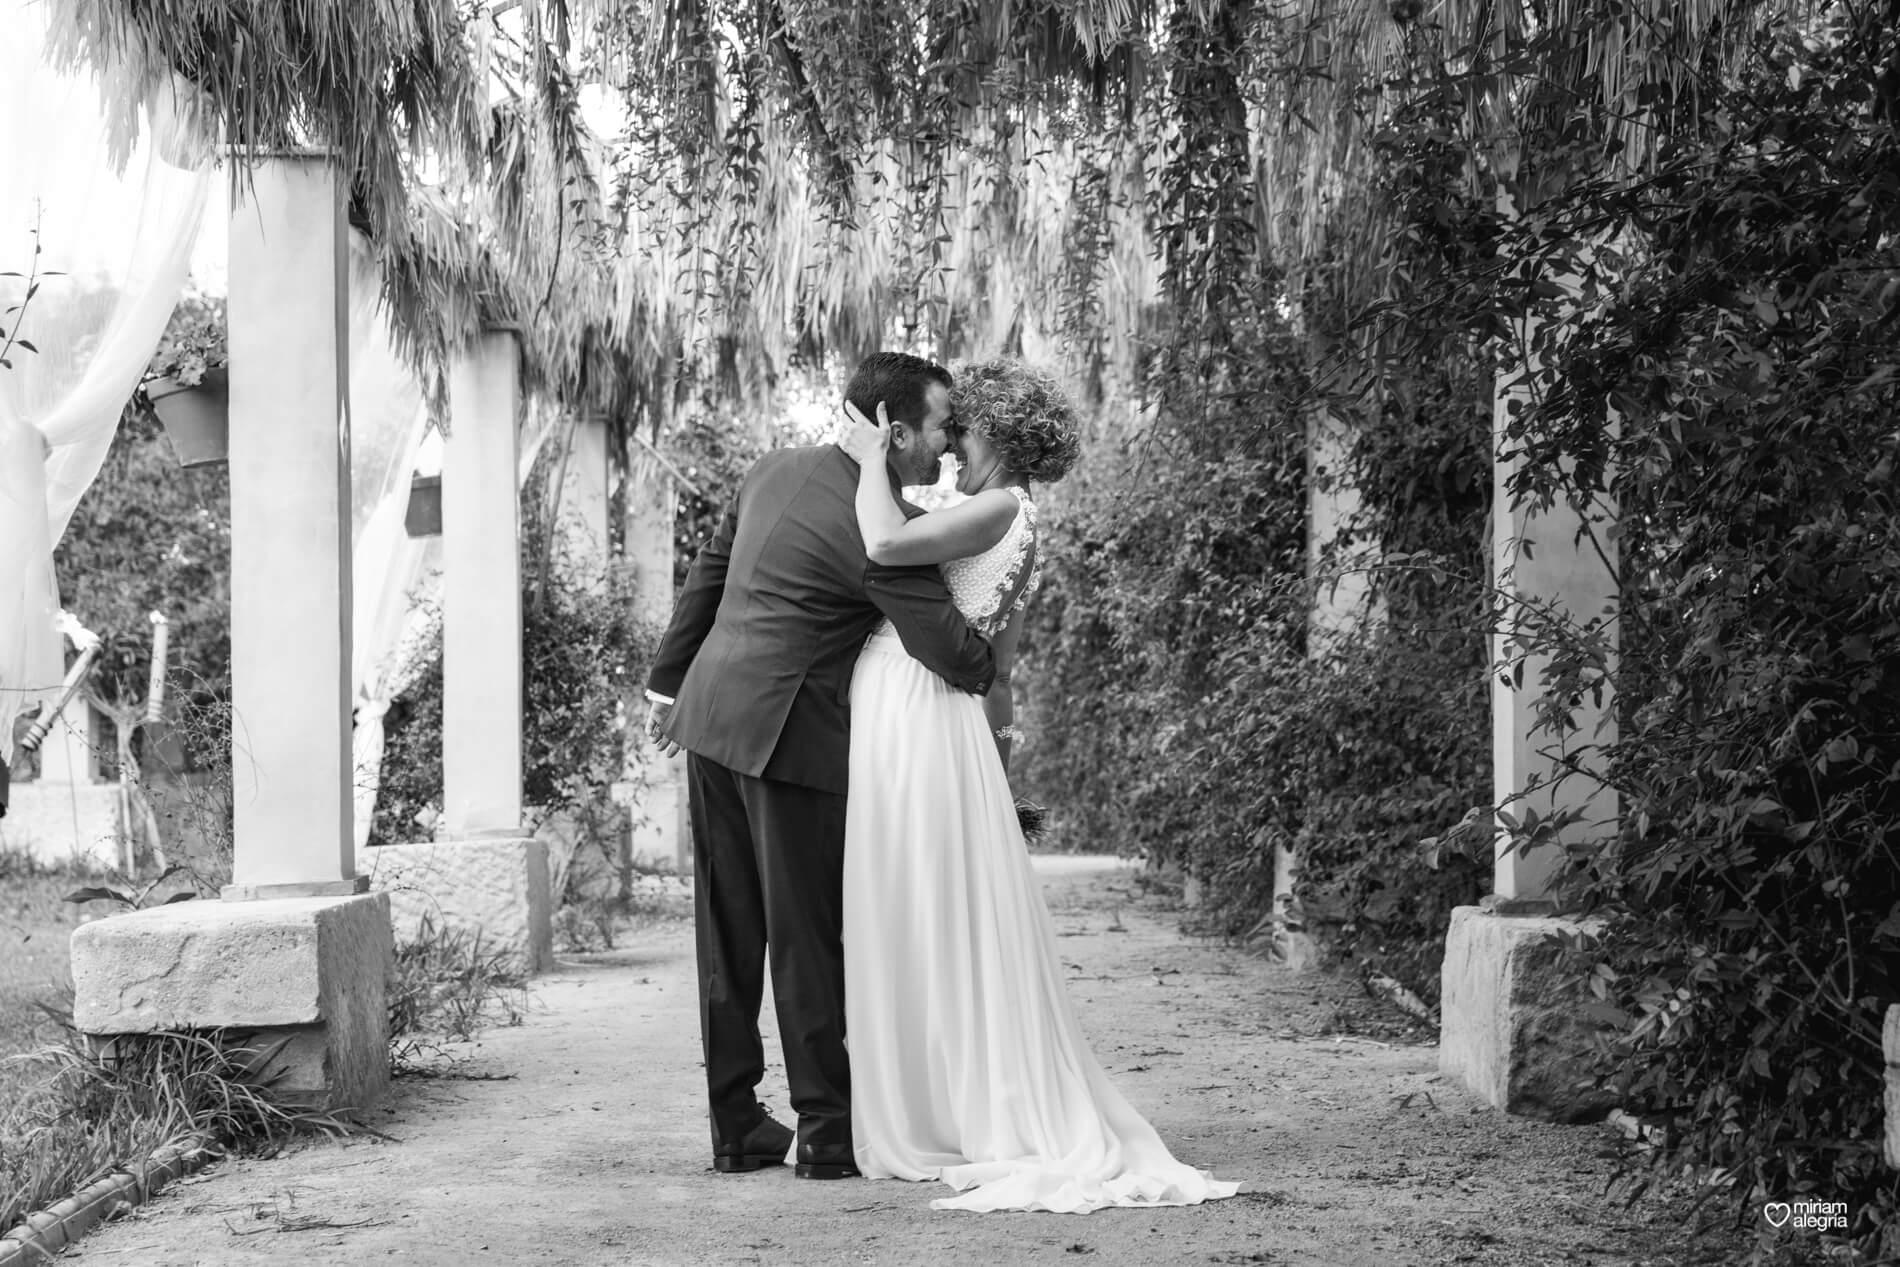 boda-en-finca-la-carrasca-miriam-alegria-101